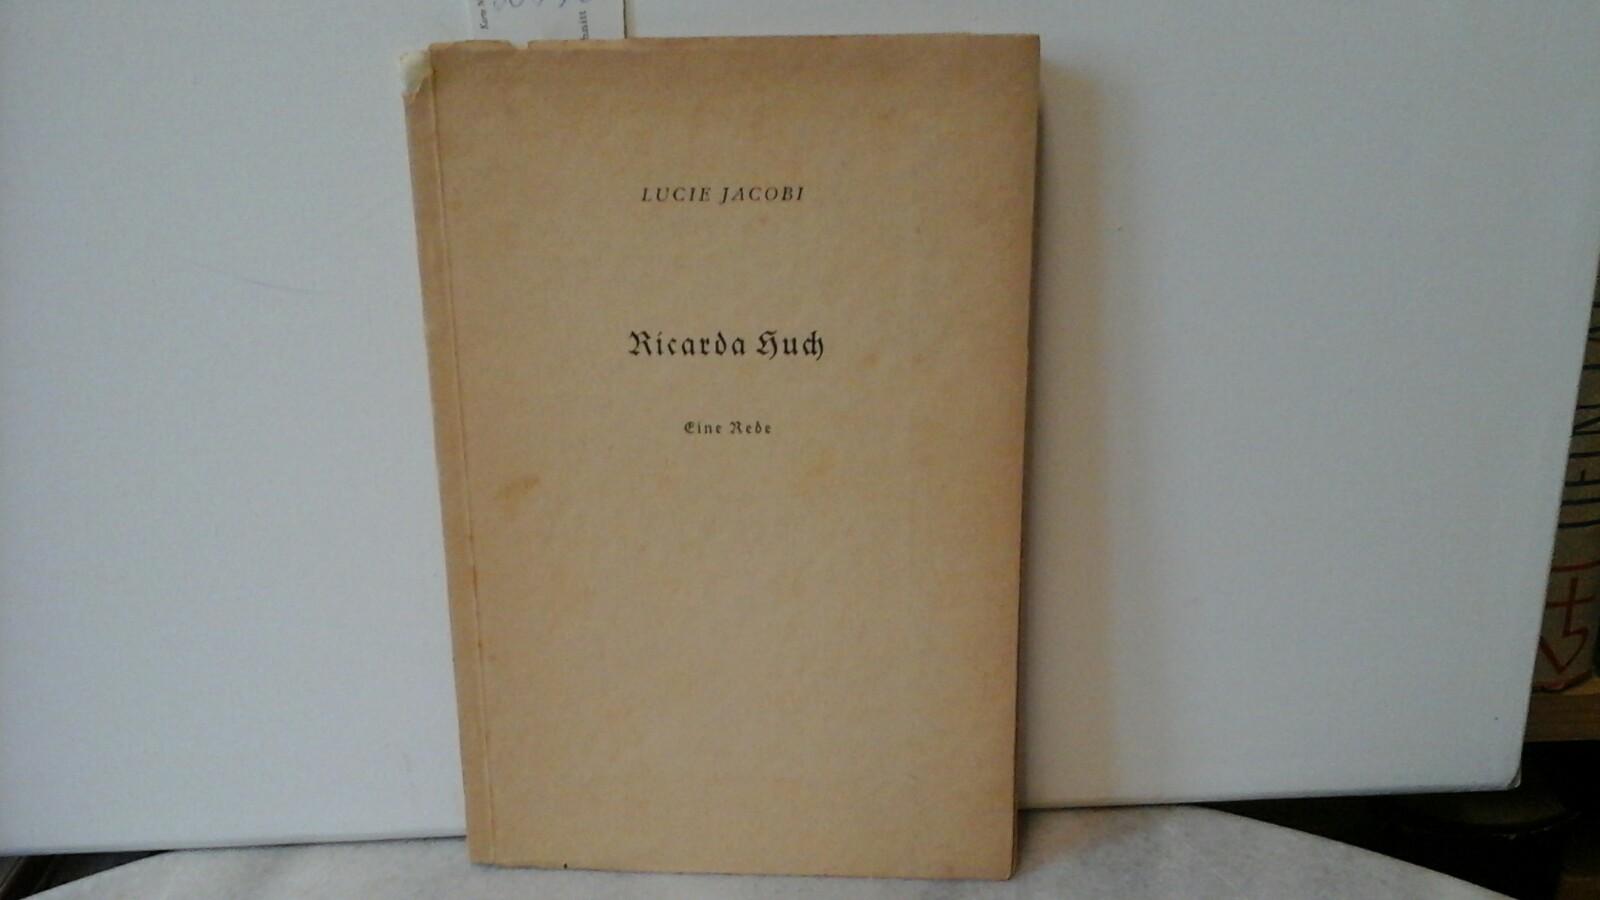 HUCH, RICARDA und LUCIE JACOBI: Eine Rede. Erste/1./ Auflage.